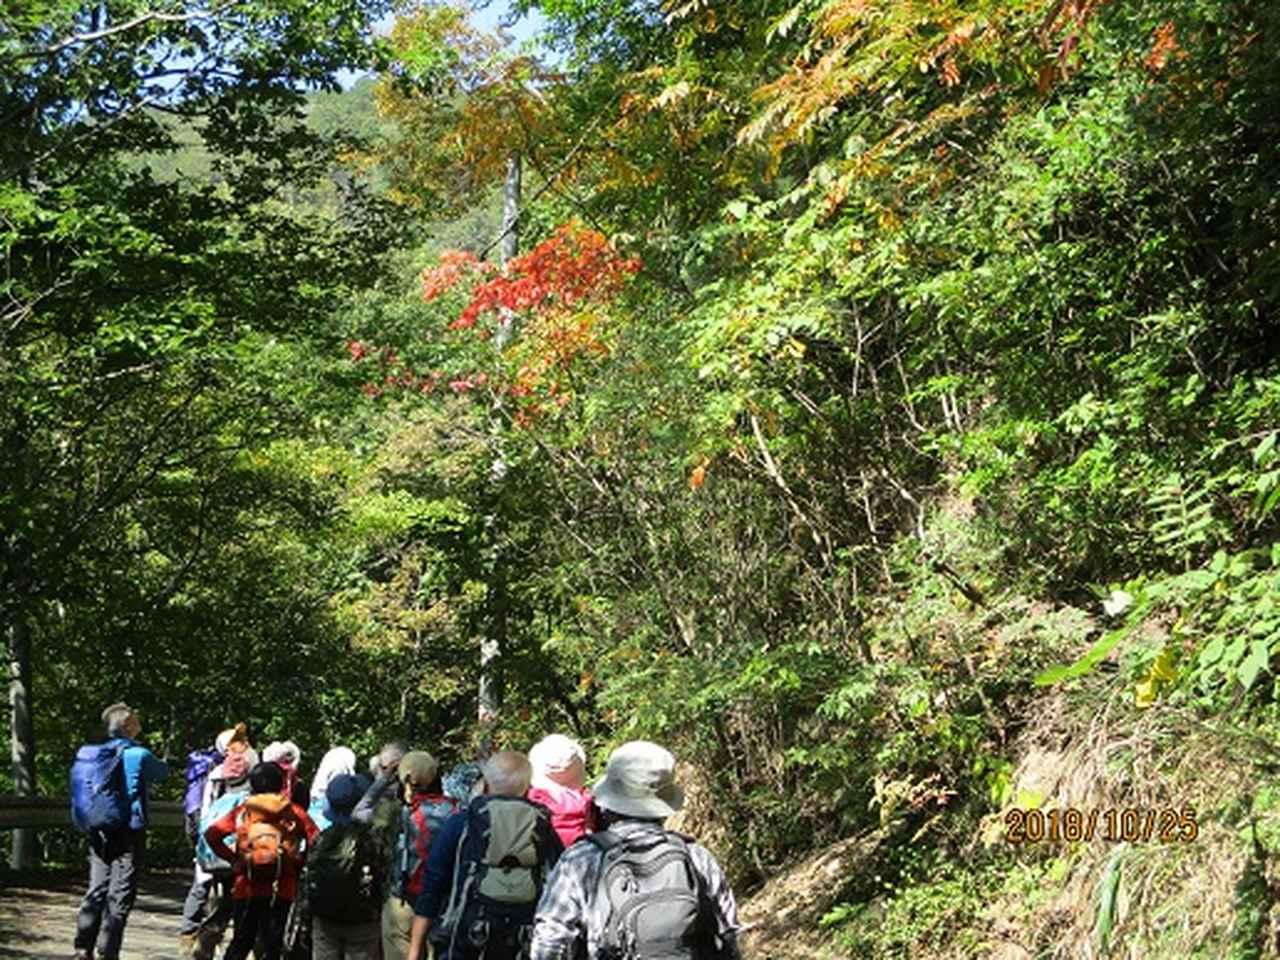 画像5: 【山旅会・登山ガイドこだわりツアー】岡田ガイドからの便り・足利行道山ツアーにいってまいりました!